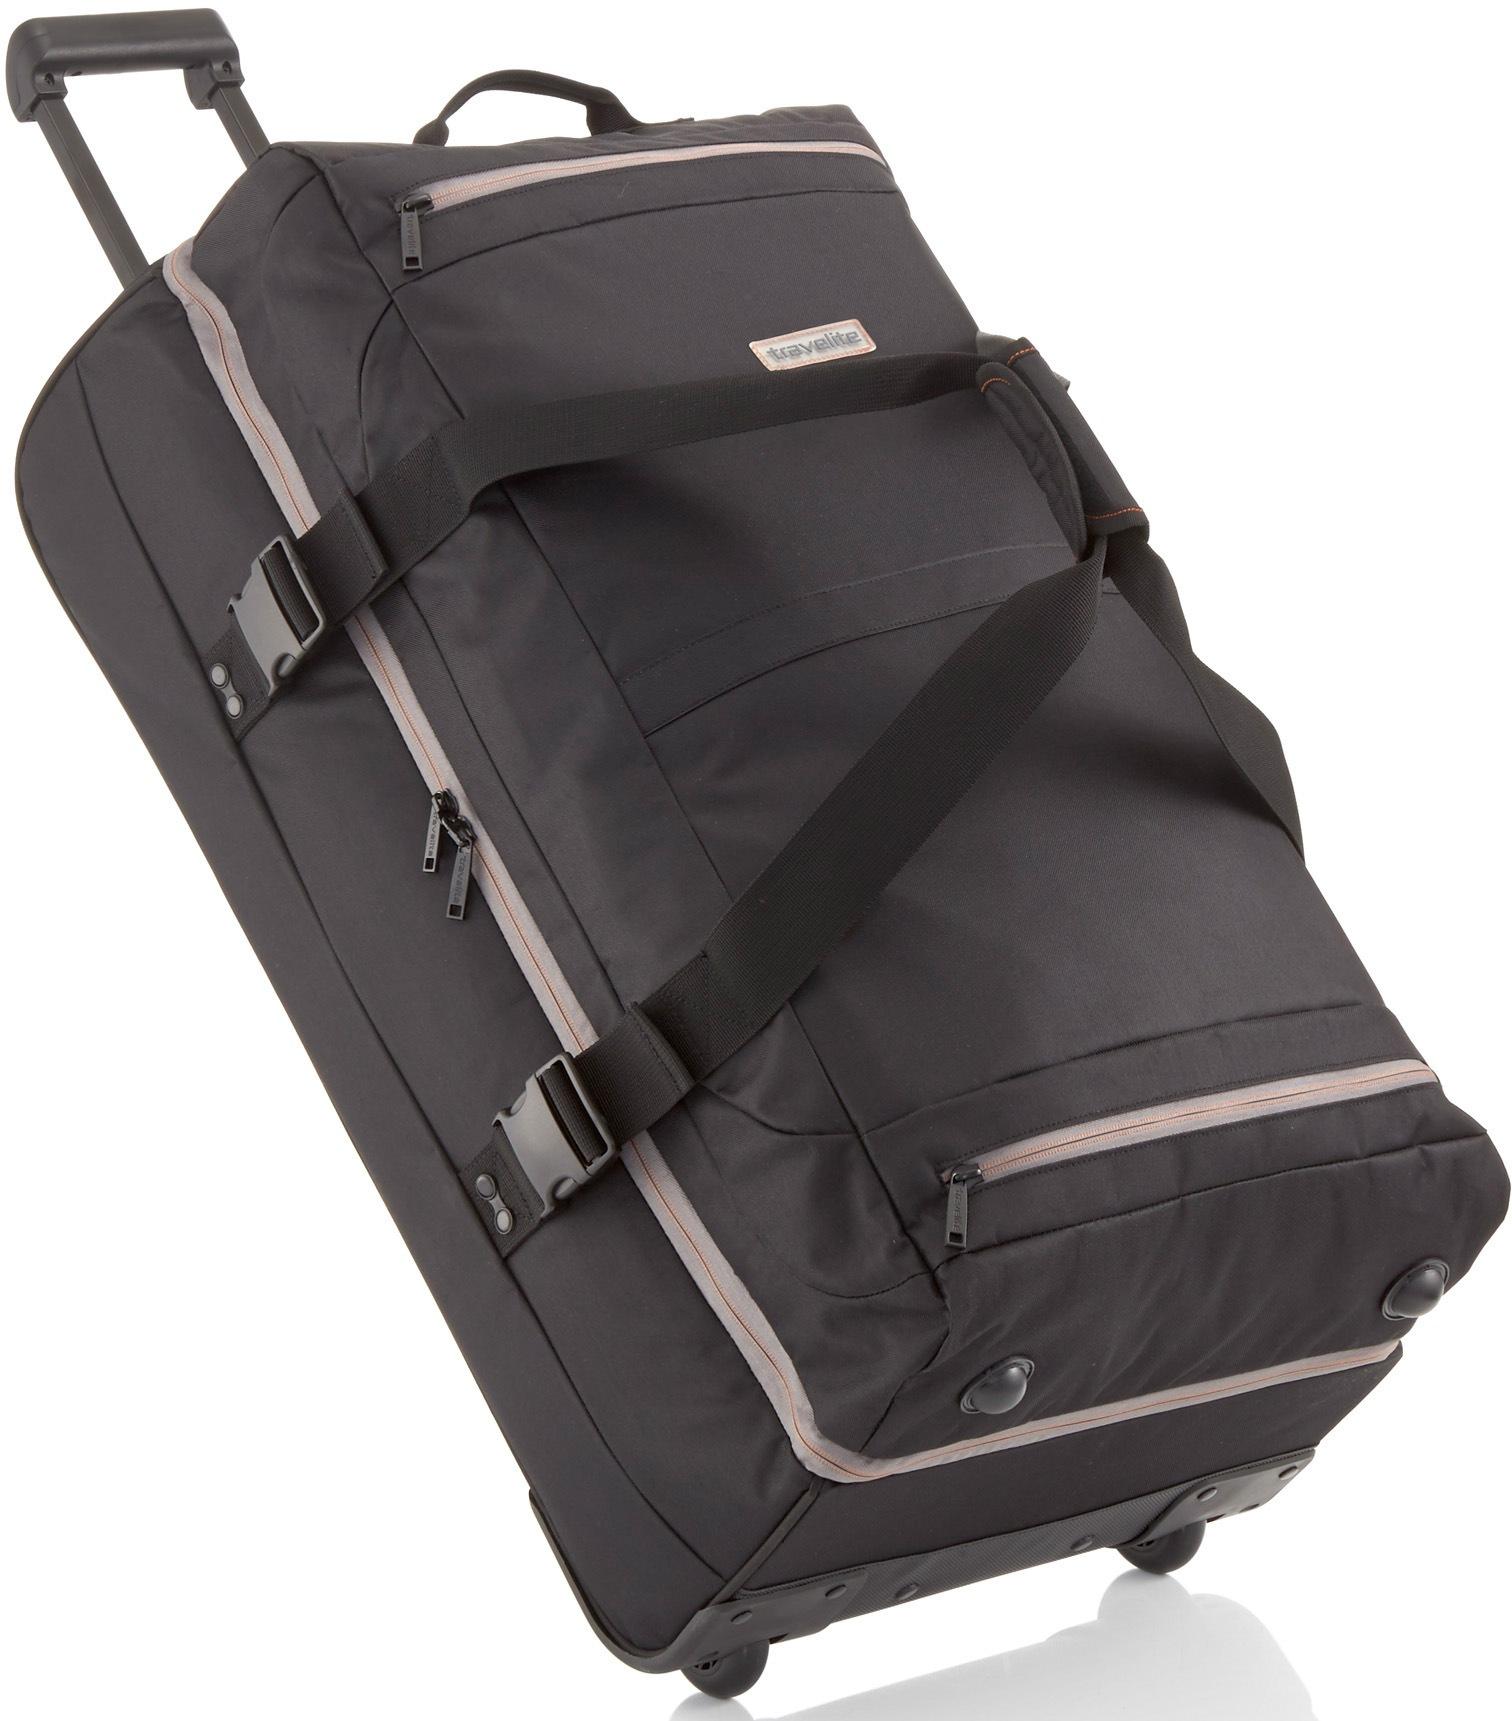 travelite reisetasche doppeldecker basics auf rechnung. Black Bedroom Furniture Sets. Home Design Ideas